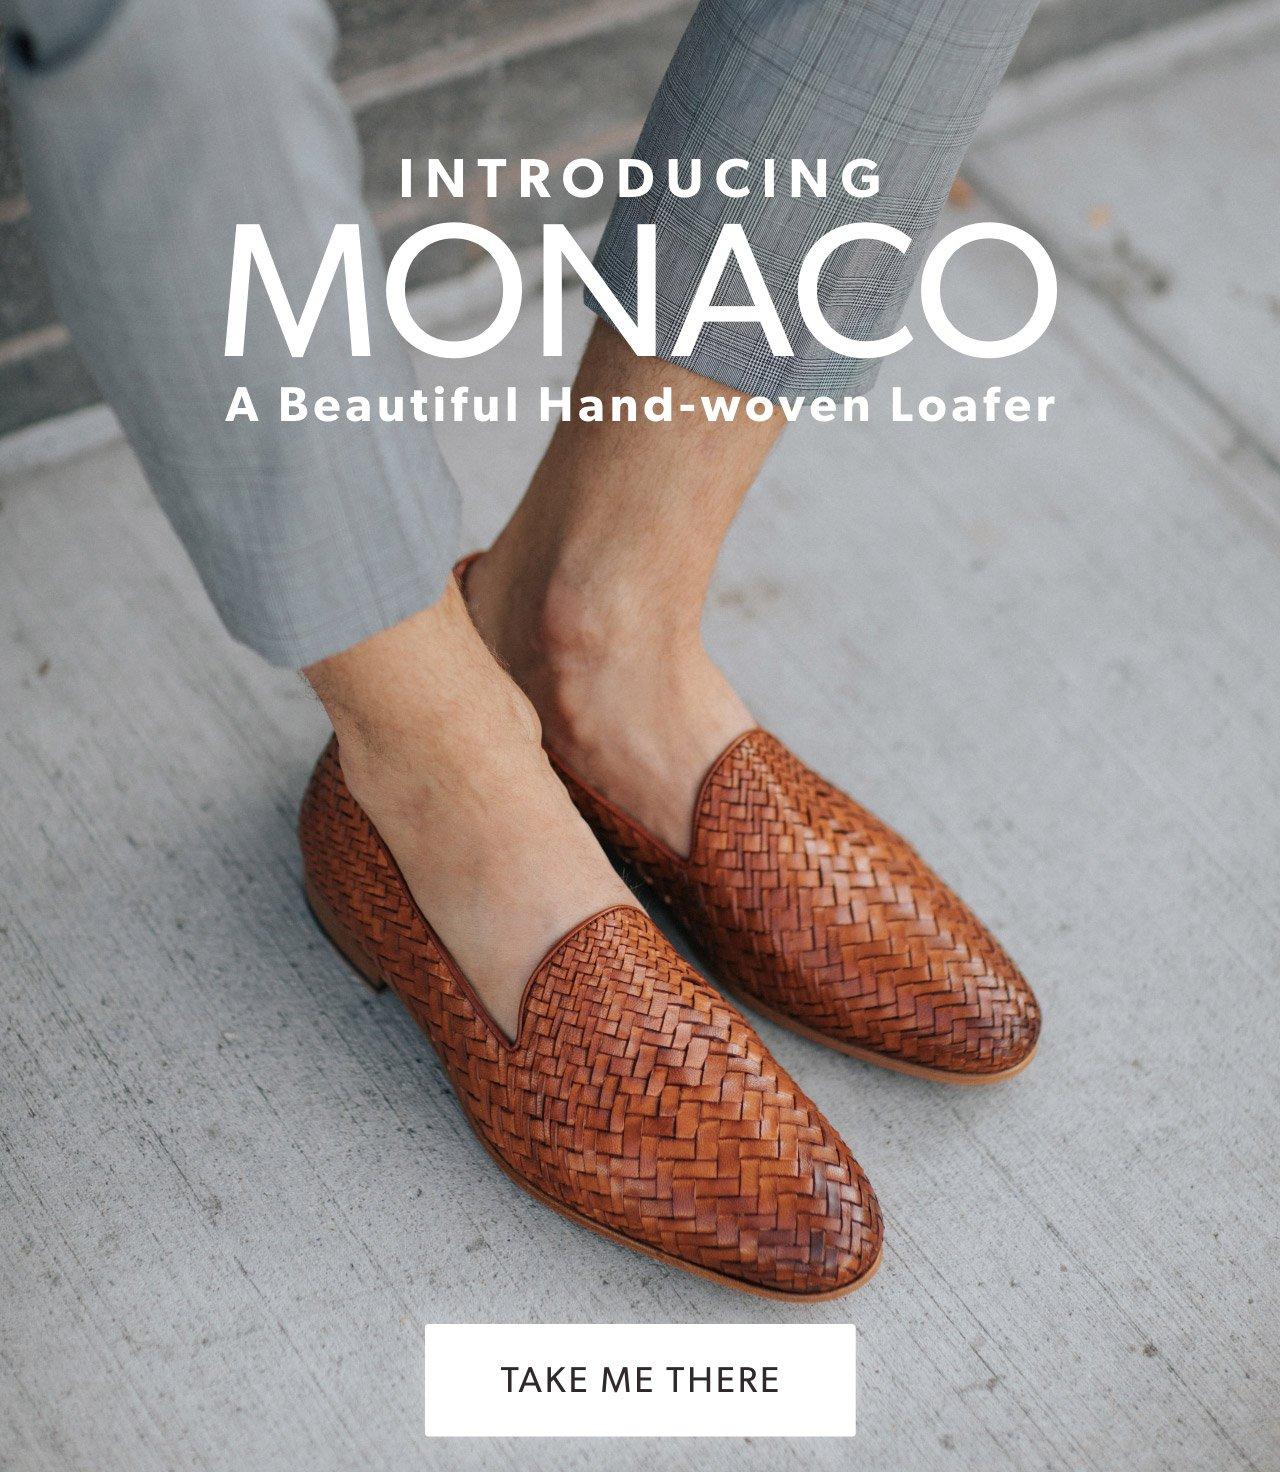 Taft Clothing Inc.: The Monaco Woven